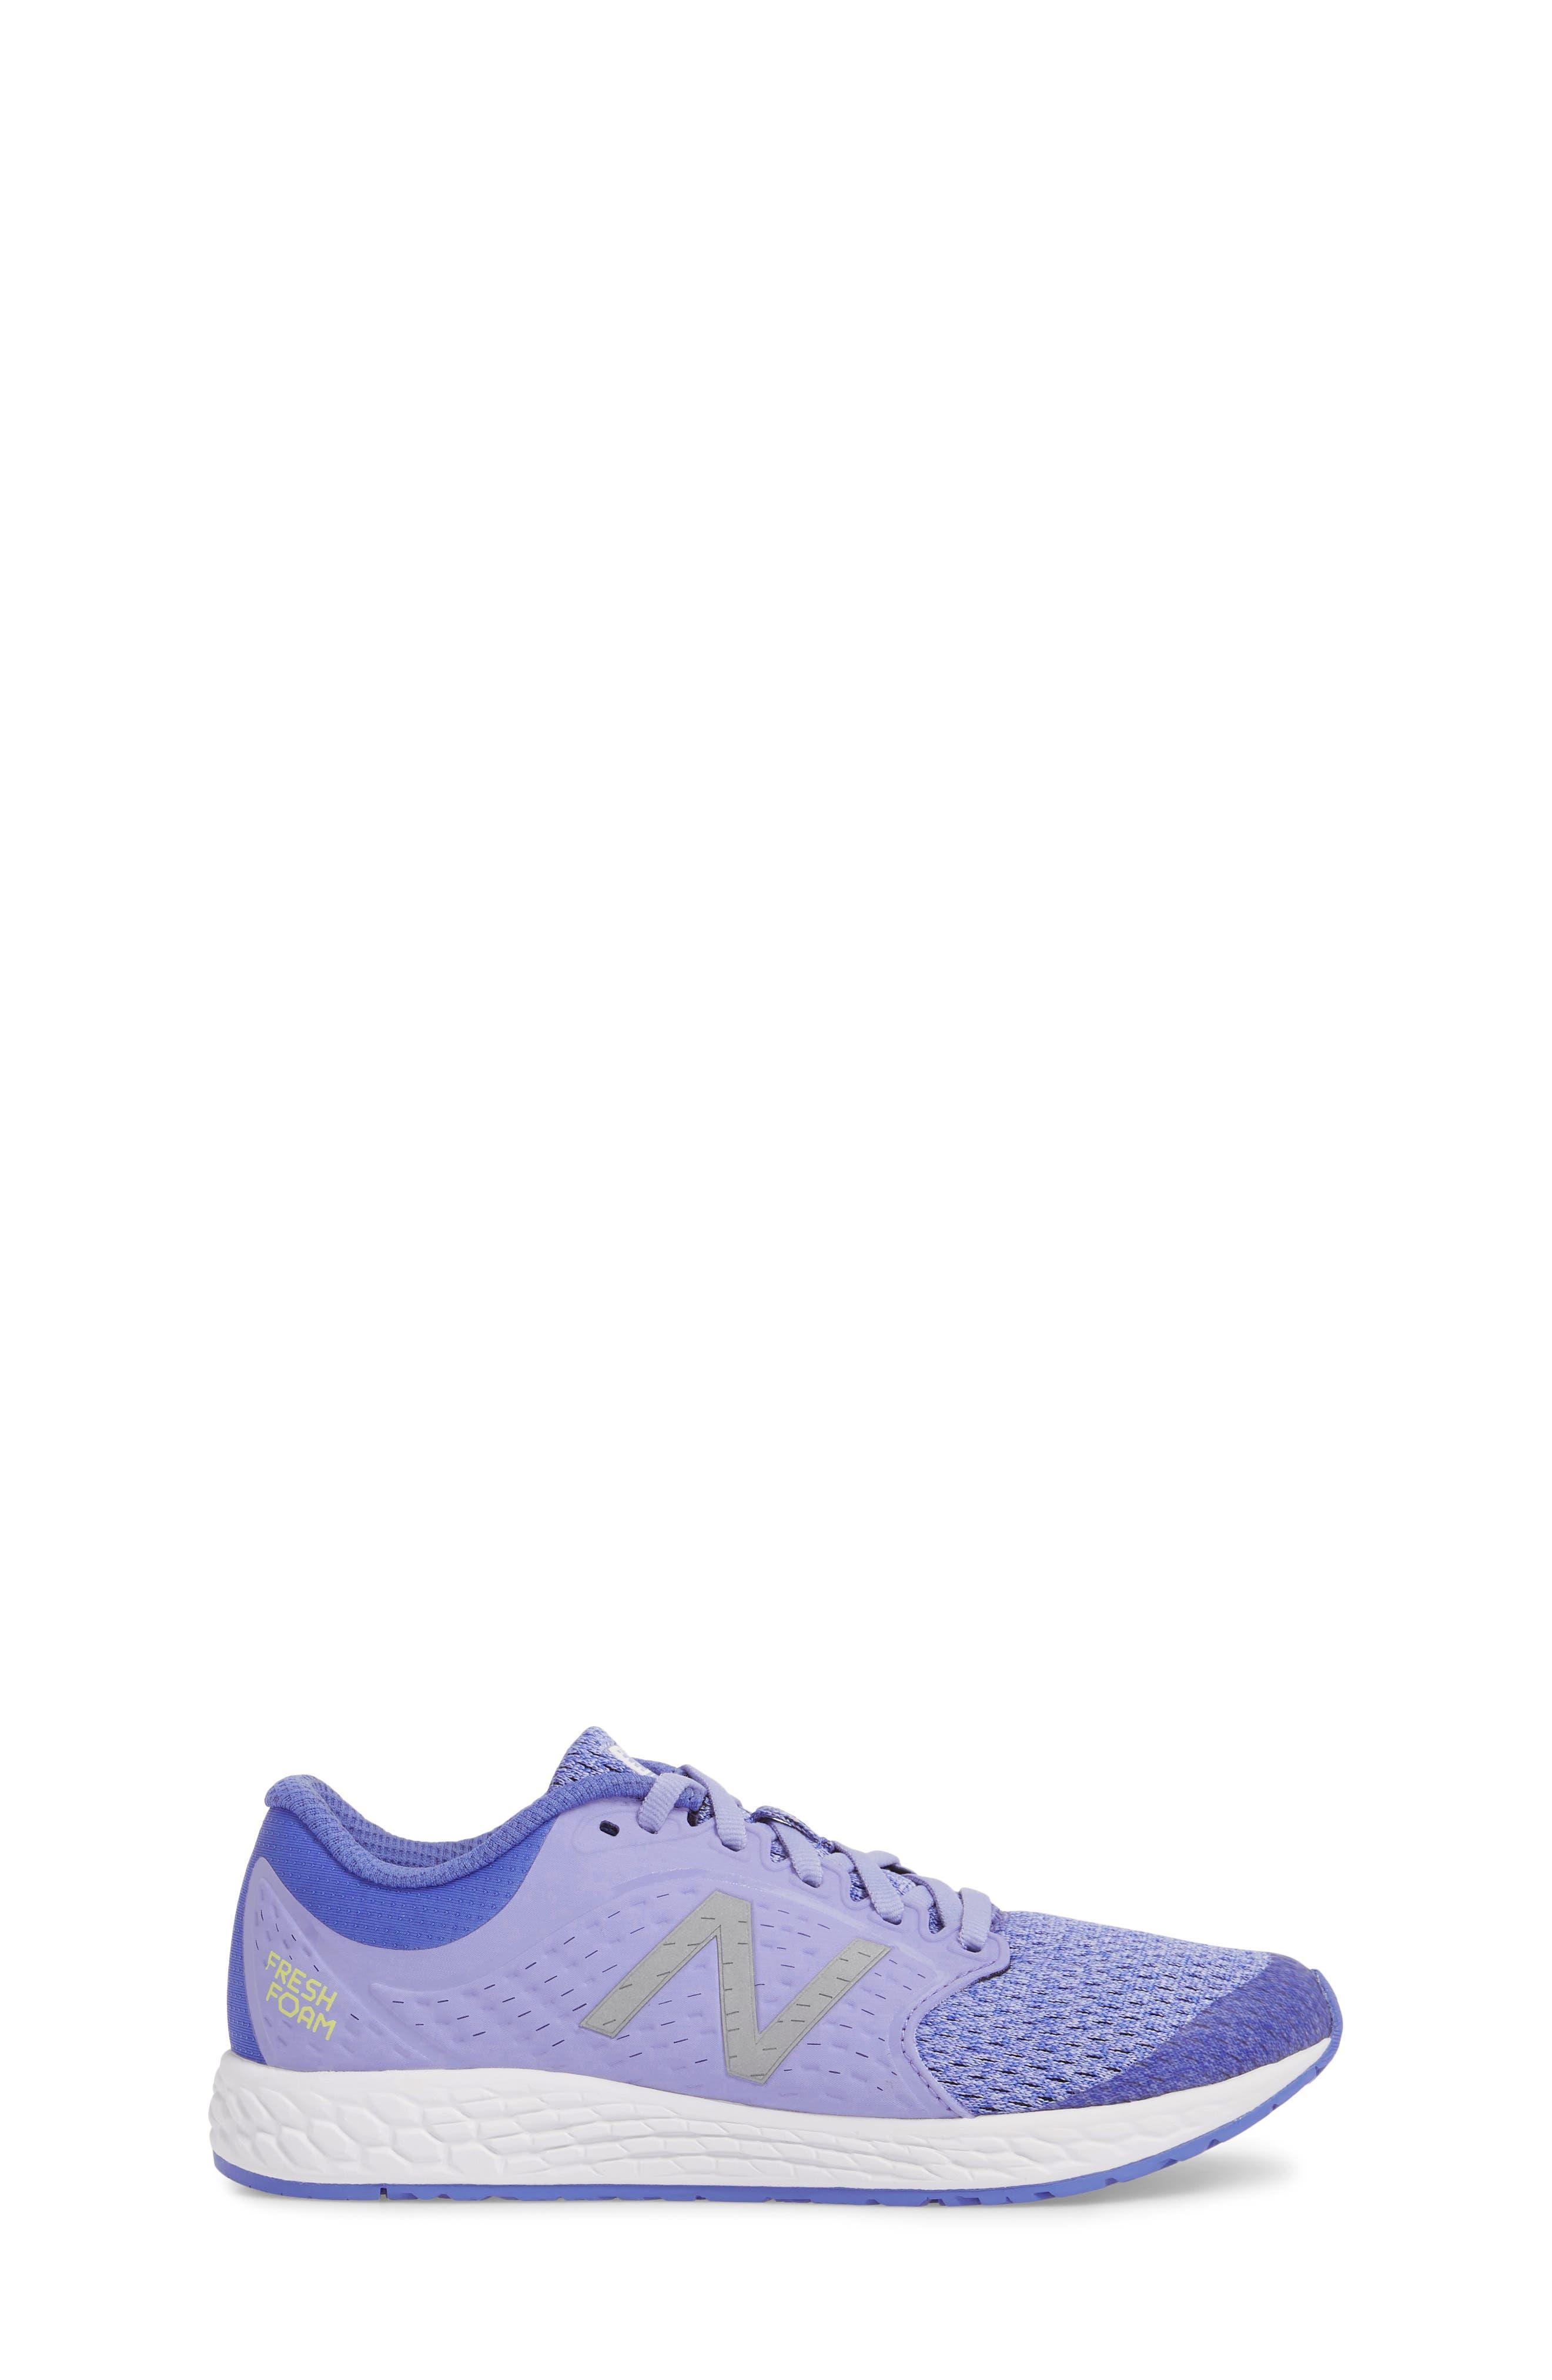 Fresh Foam Zante v4 Running Shoe,                             Alternate thumbnail 3, color,                             Ice Violet